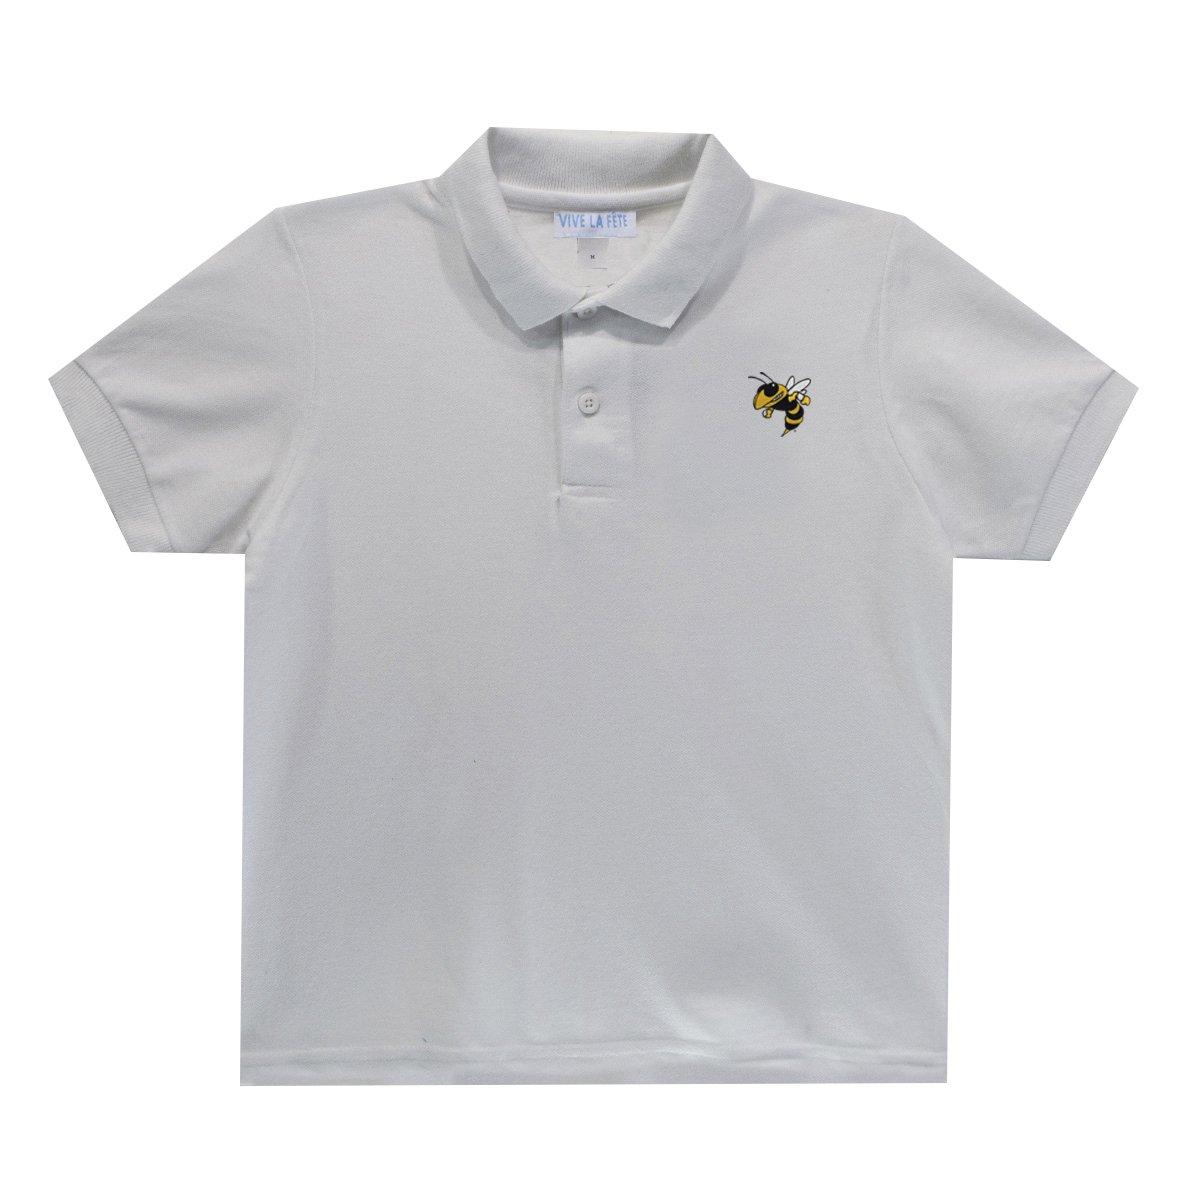 Georgia Tech Yellow Jackets White Polo Box Shirt Short Sleeve by Vive La Fete by Vive La Fete Collegiate